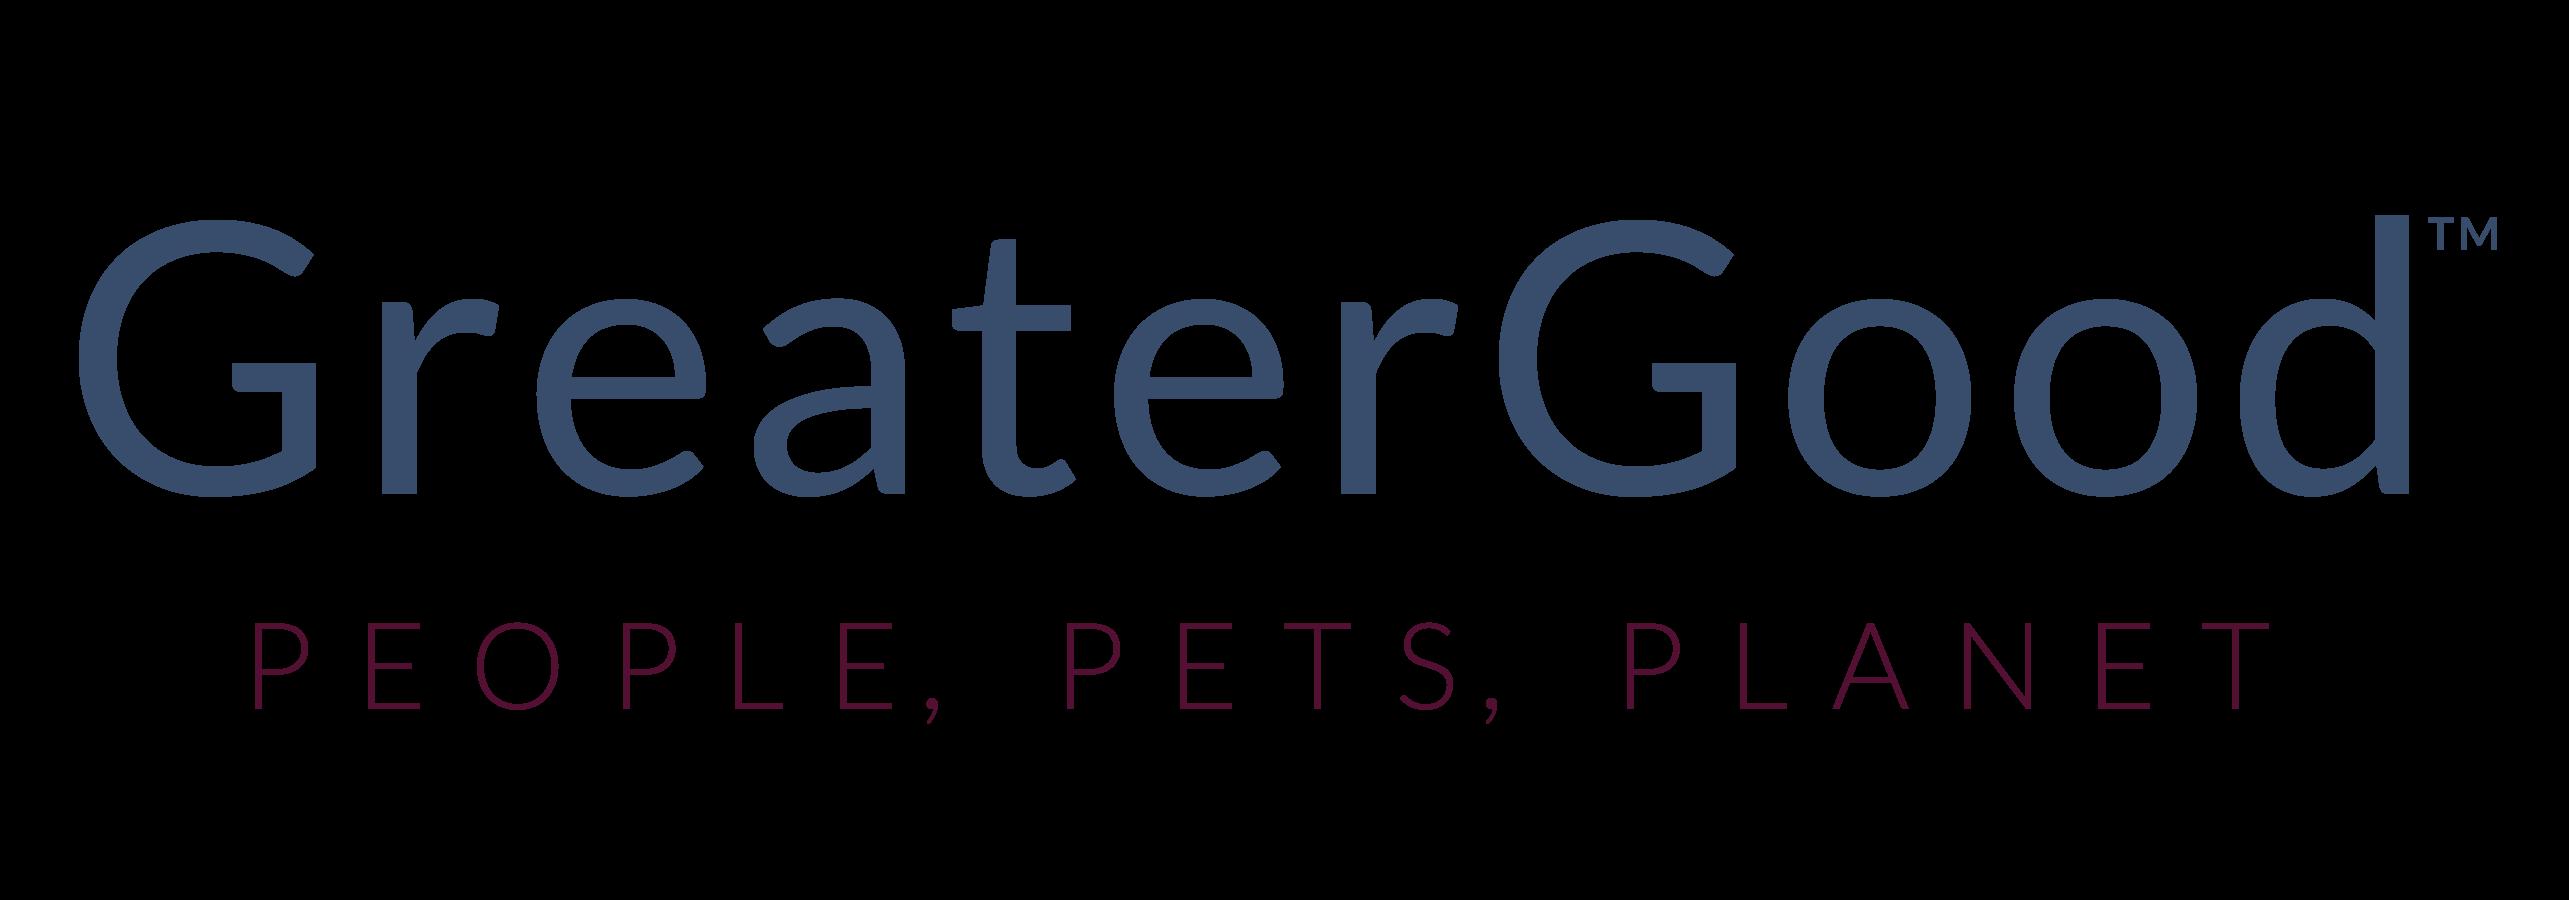 GG.com-logo